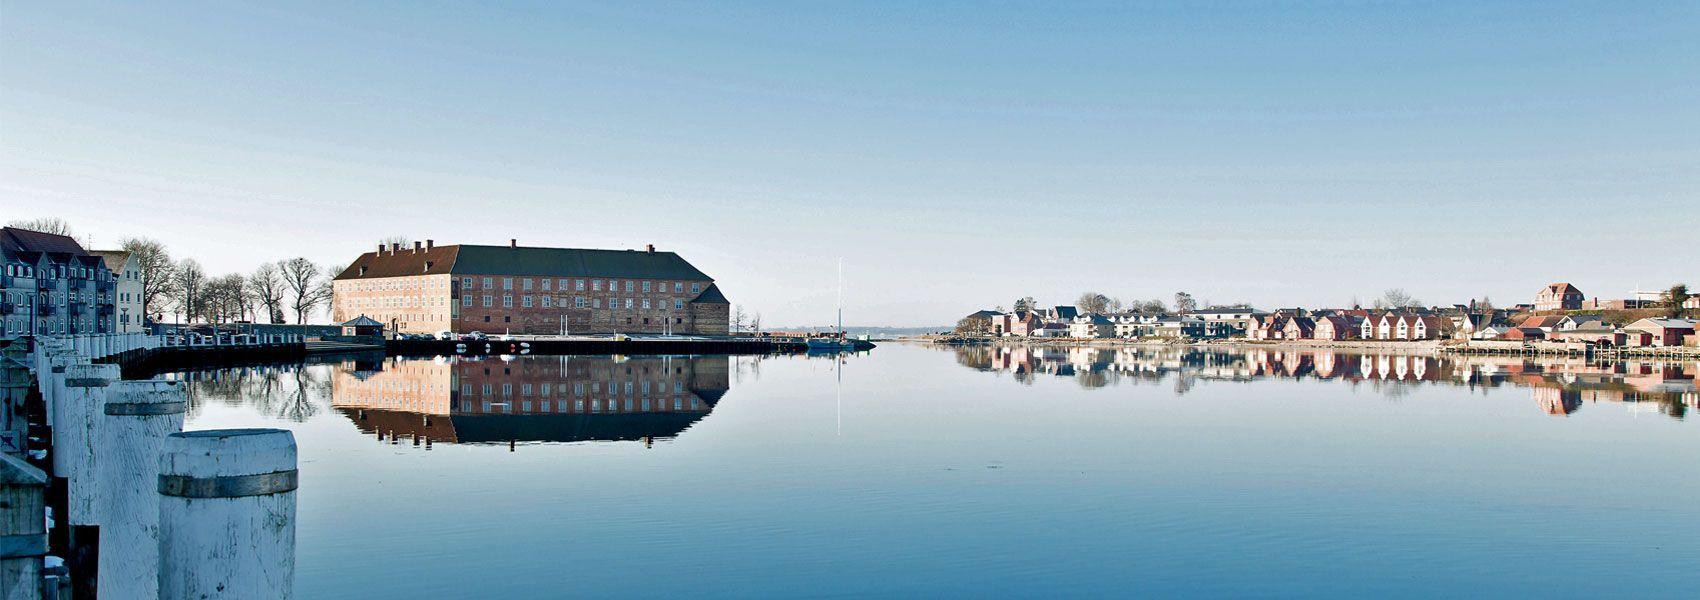 Sonderborg slot genspejles i havnen top